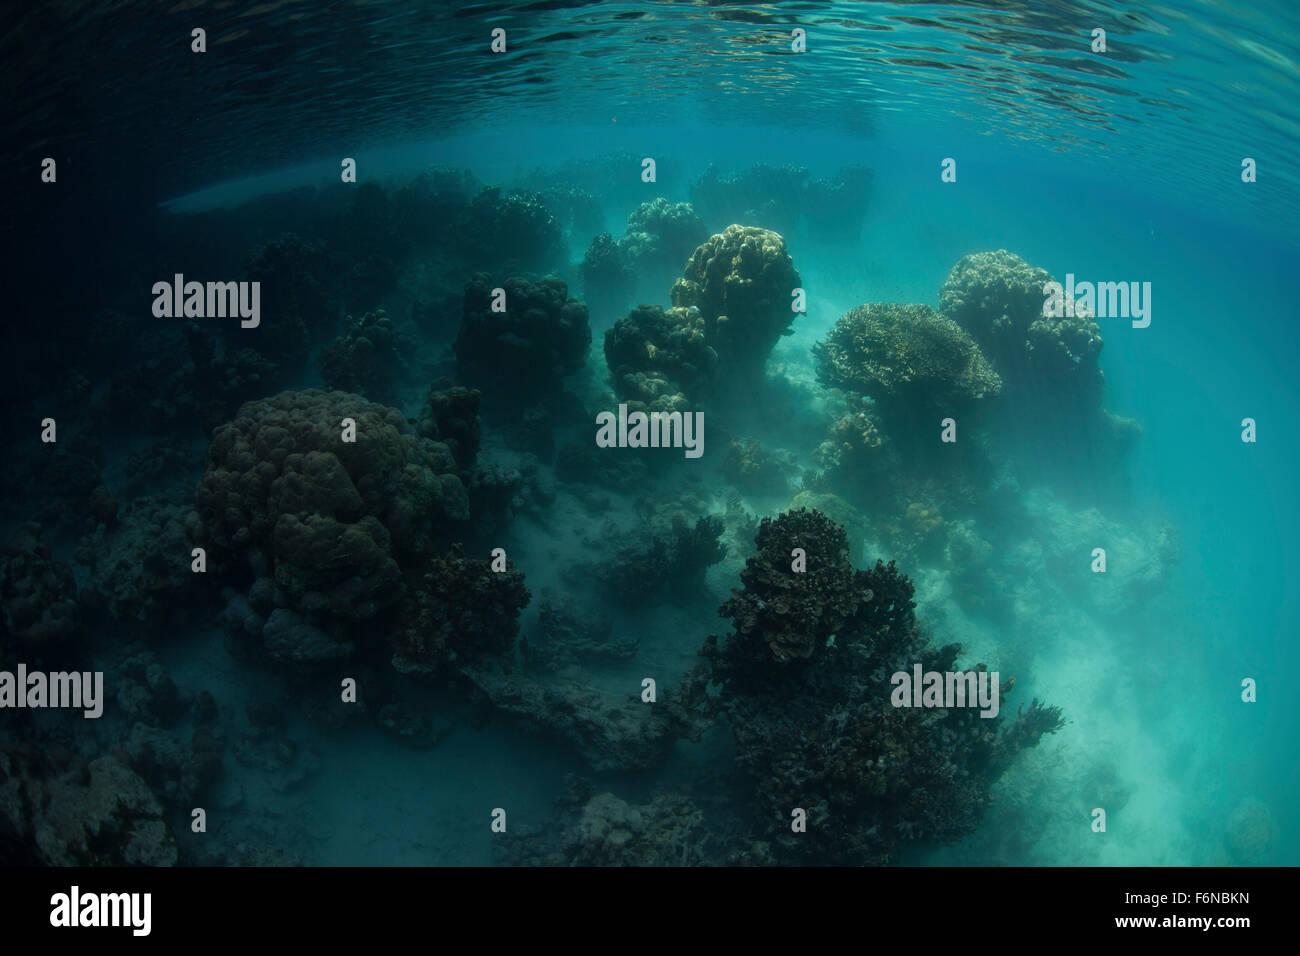 Un lago marino en Palau tiene una apariencia casi sueño debido a que el agua de color extraño y el crecimiento Imagen De Stock